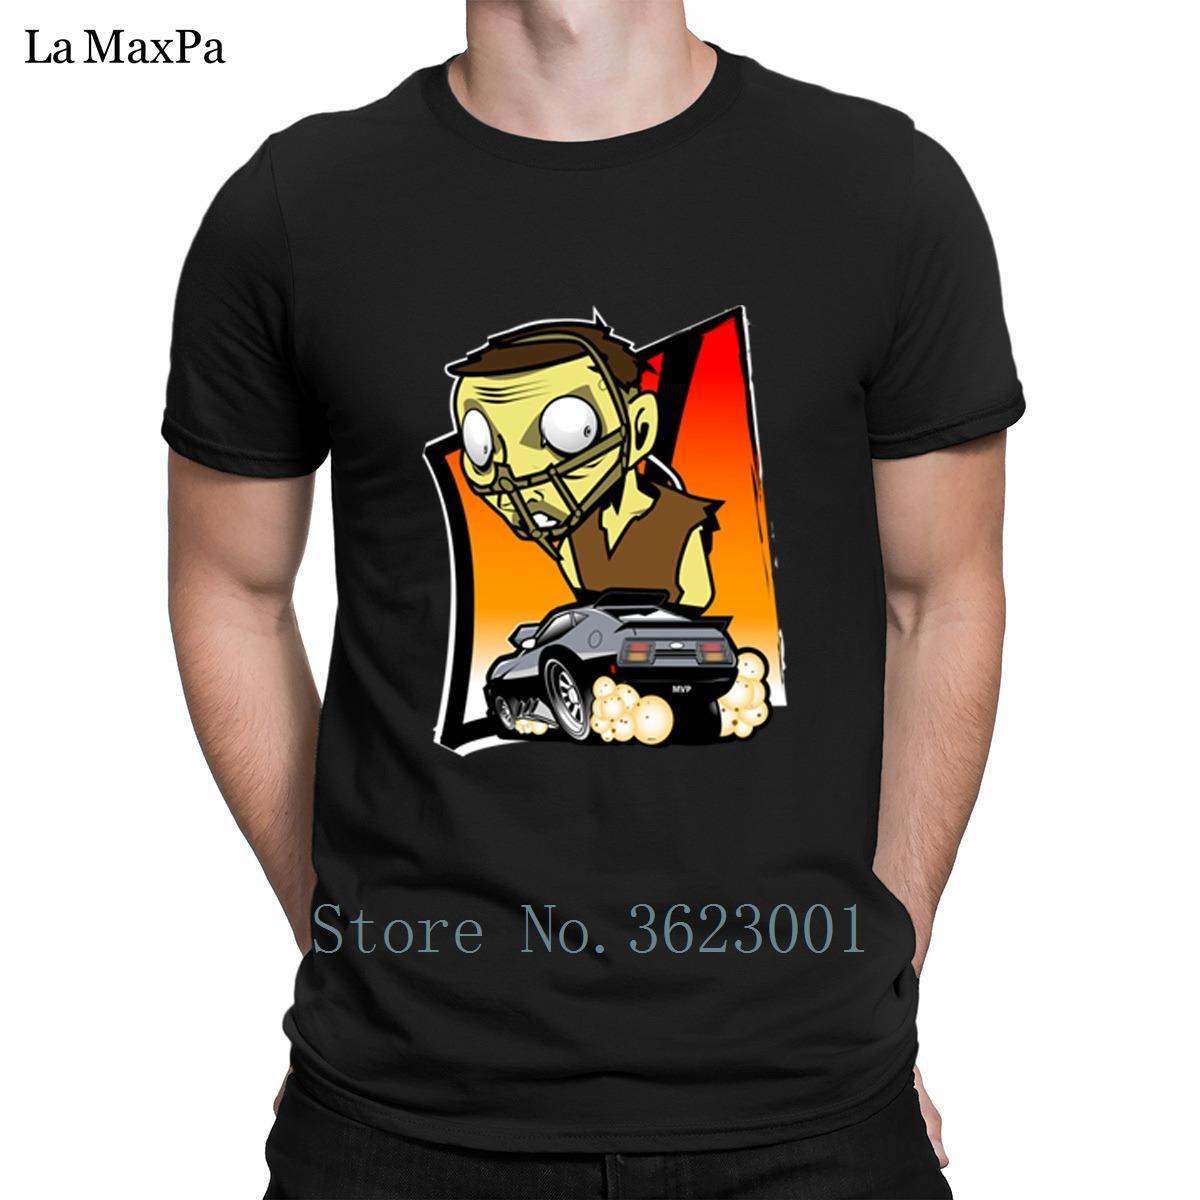 Moda T estándar clásico para hombres Cop Mad luz del sol a bordo de la camiseta Hombre populares calificados camiseta de cuello redondo camisa floja